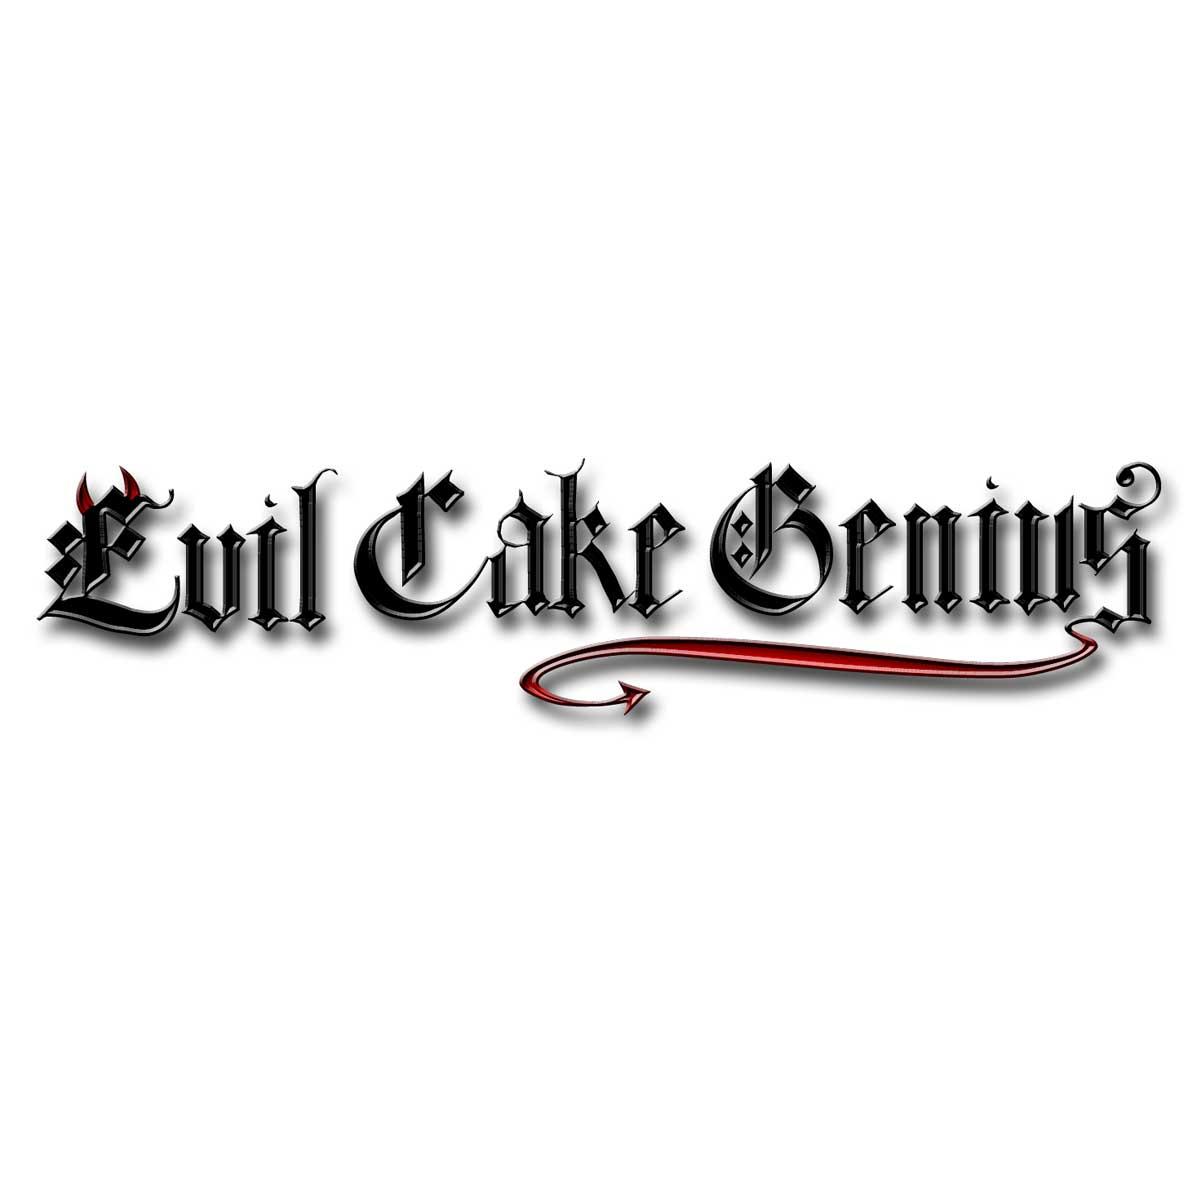 Two Tone Stripe Contour Comb 1 2 Inch Evil Cake Genius